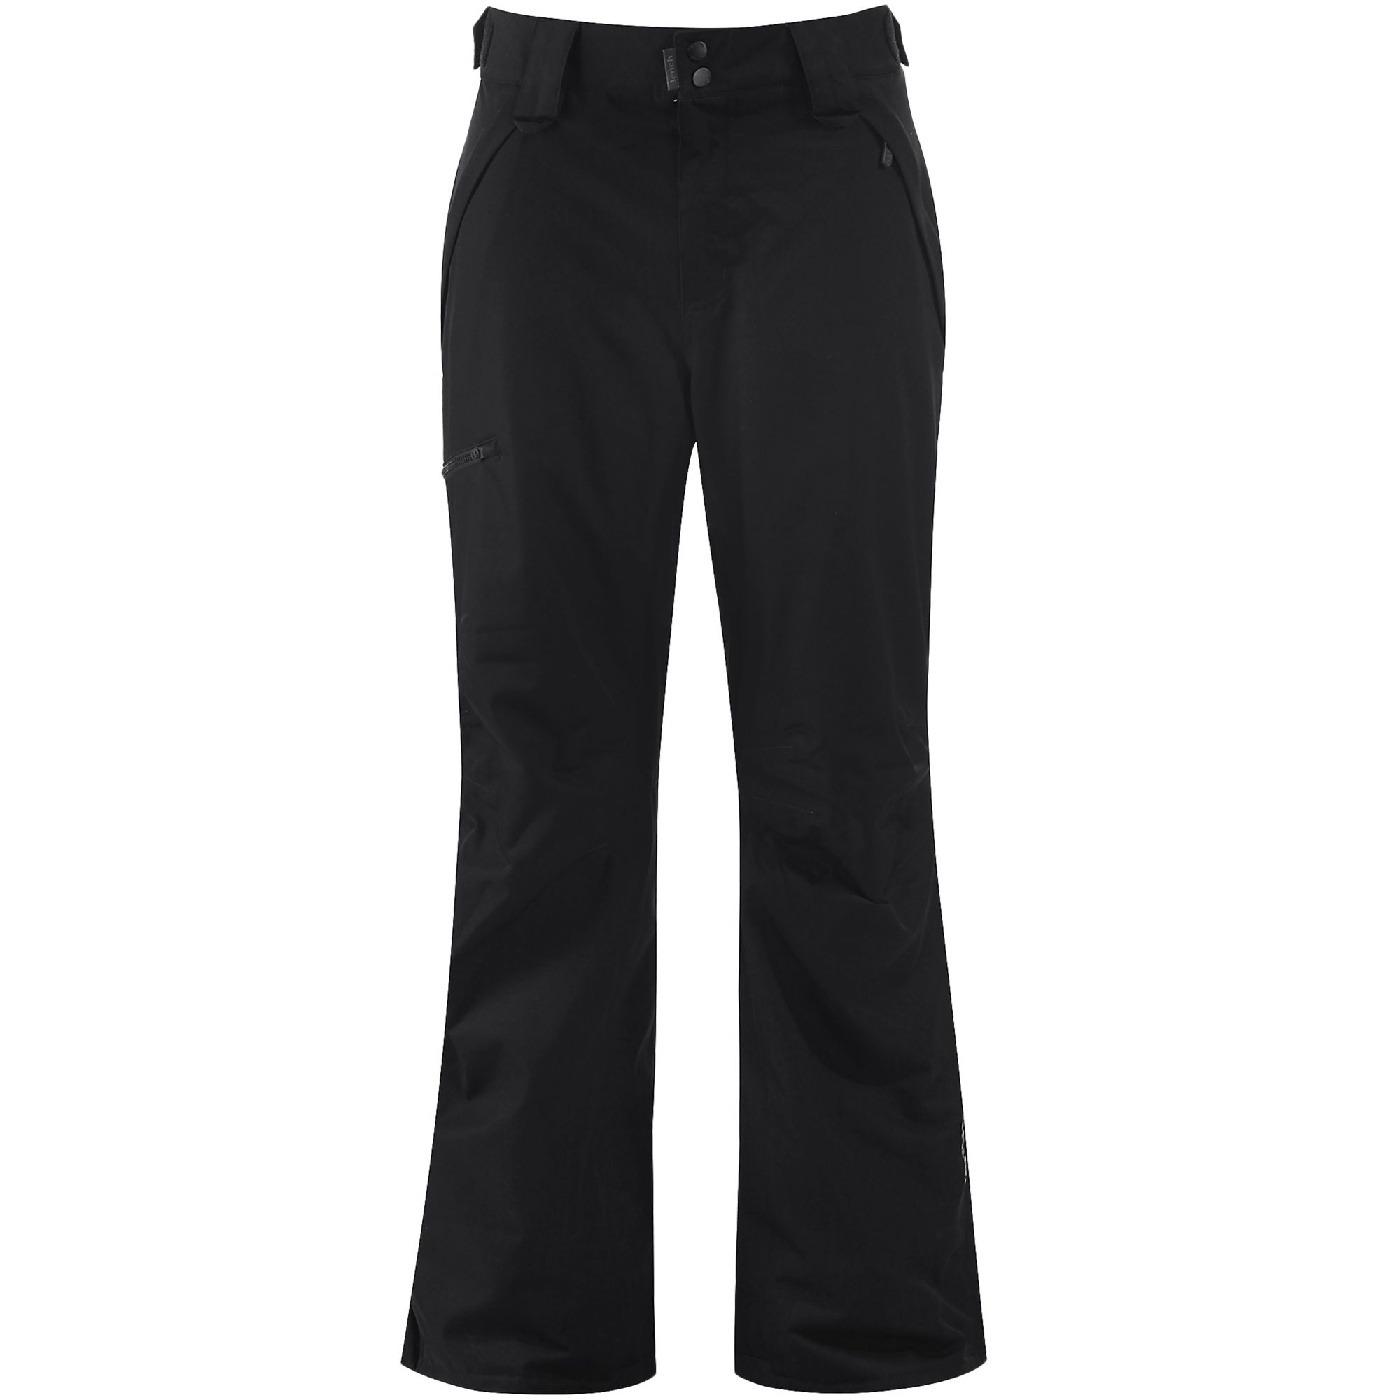 Dámské kalhoty BENCH - Time Temper Black M